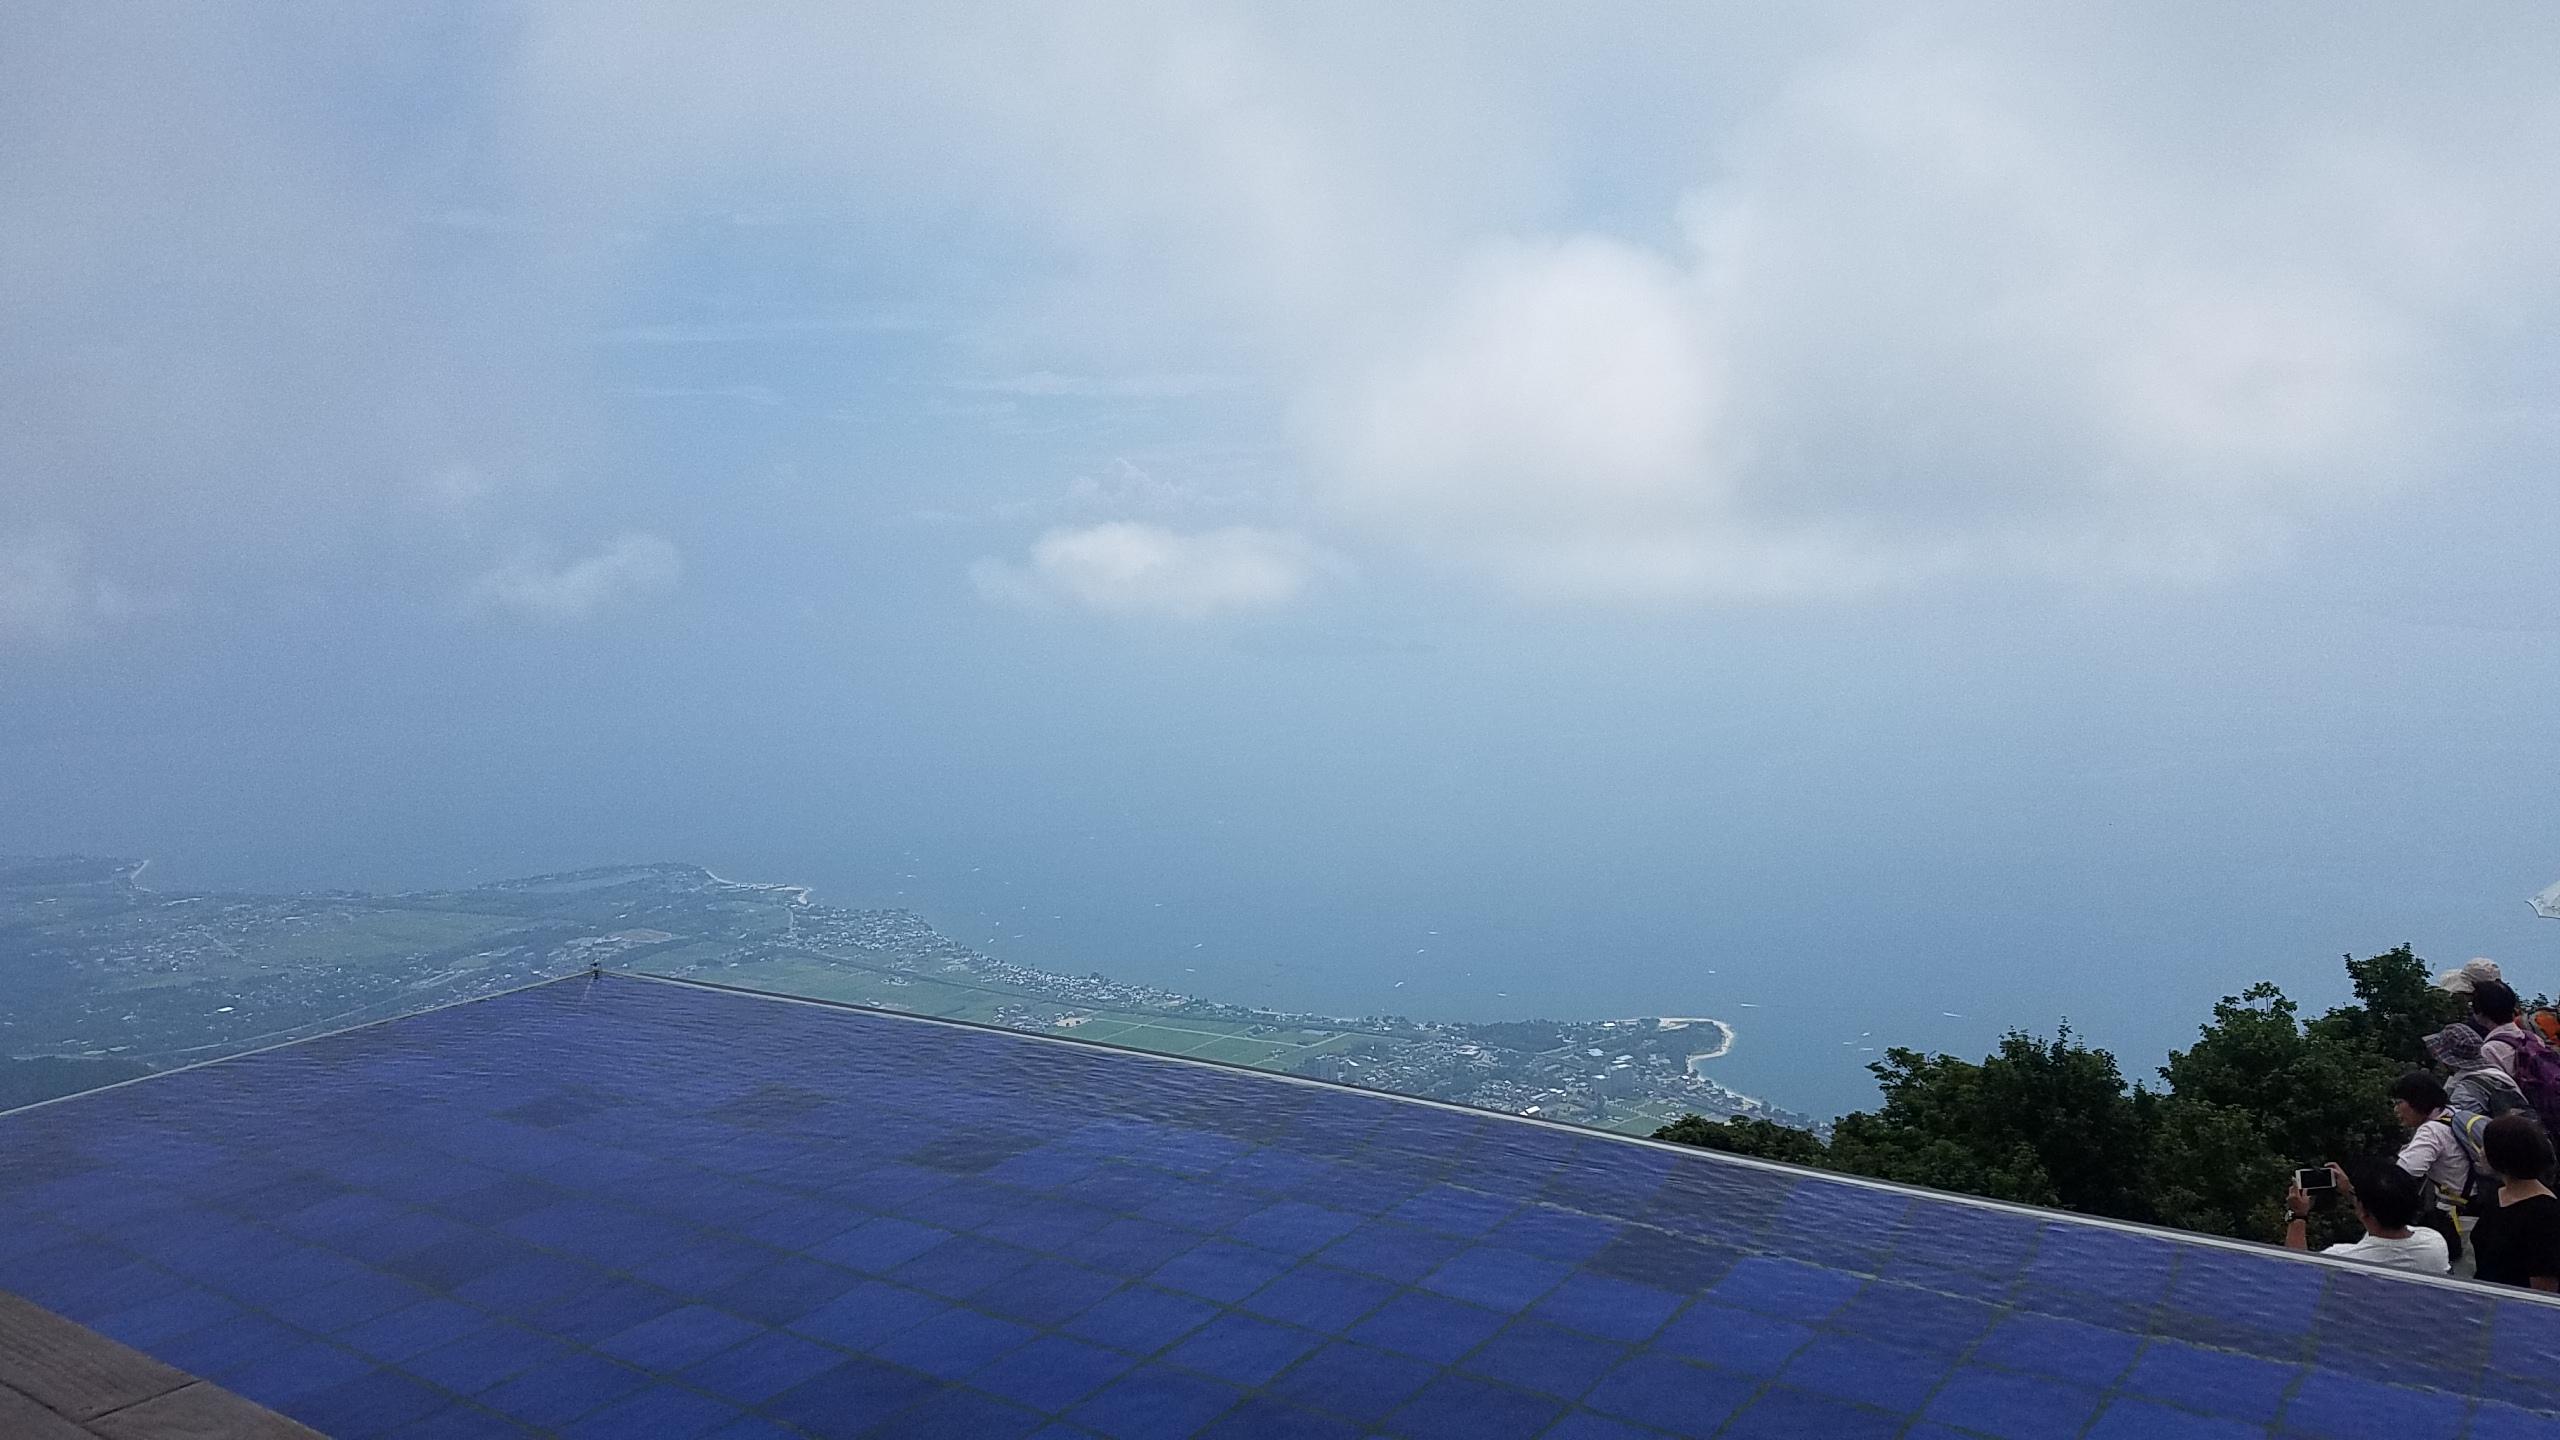 琵琶湖テラスへのアクセス!実際に行って写真を撮ってきた!